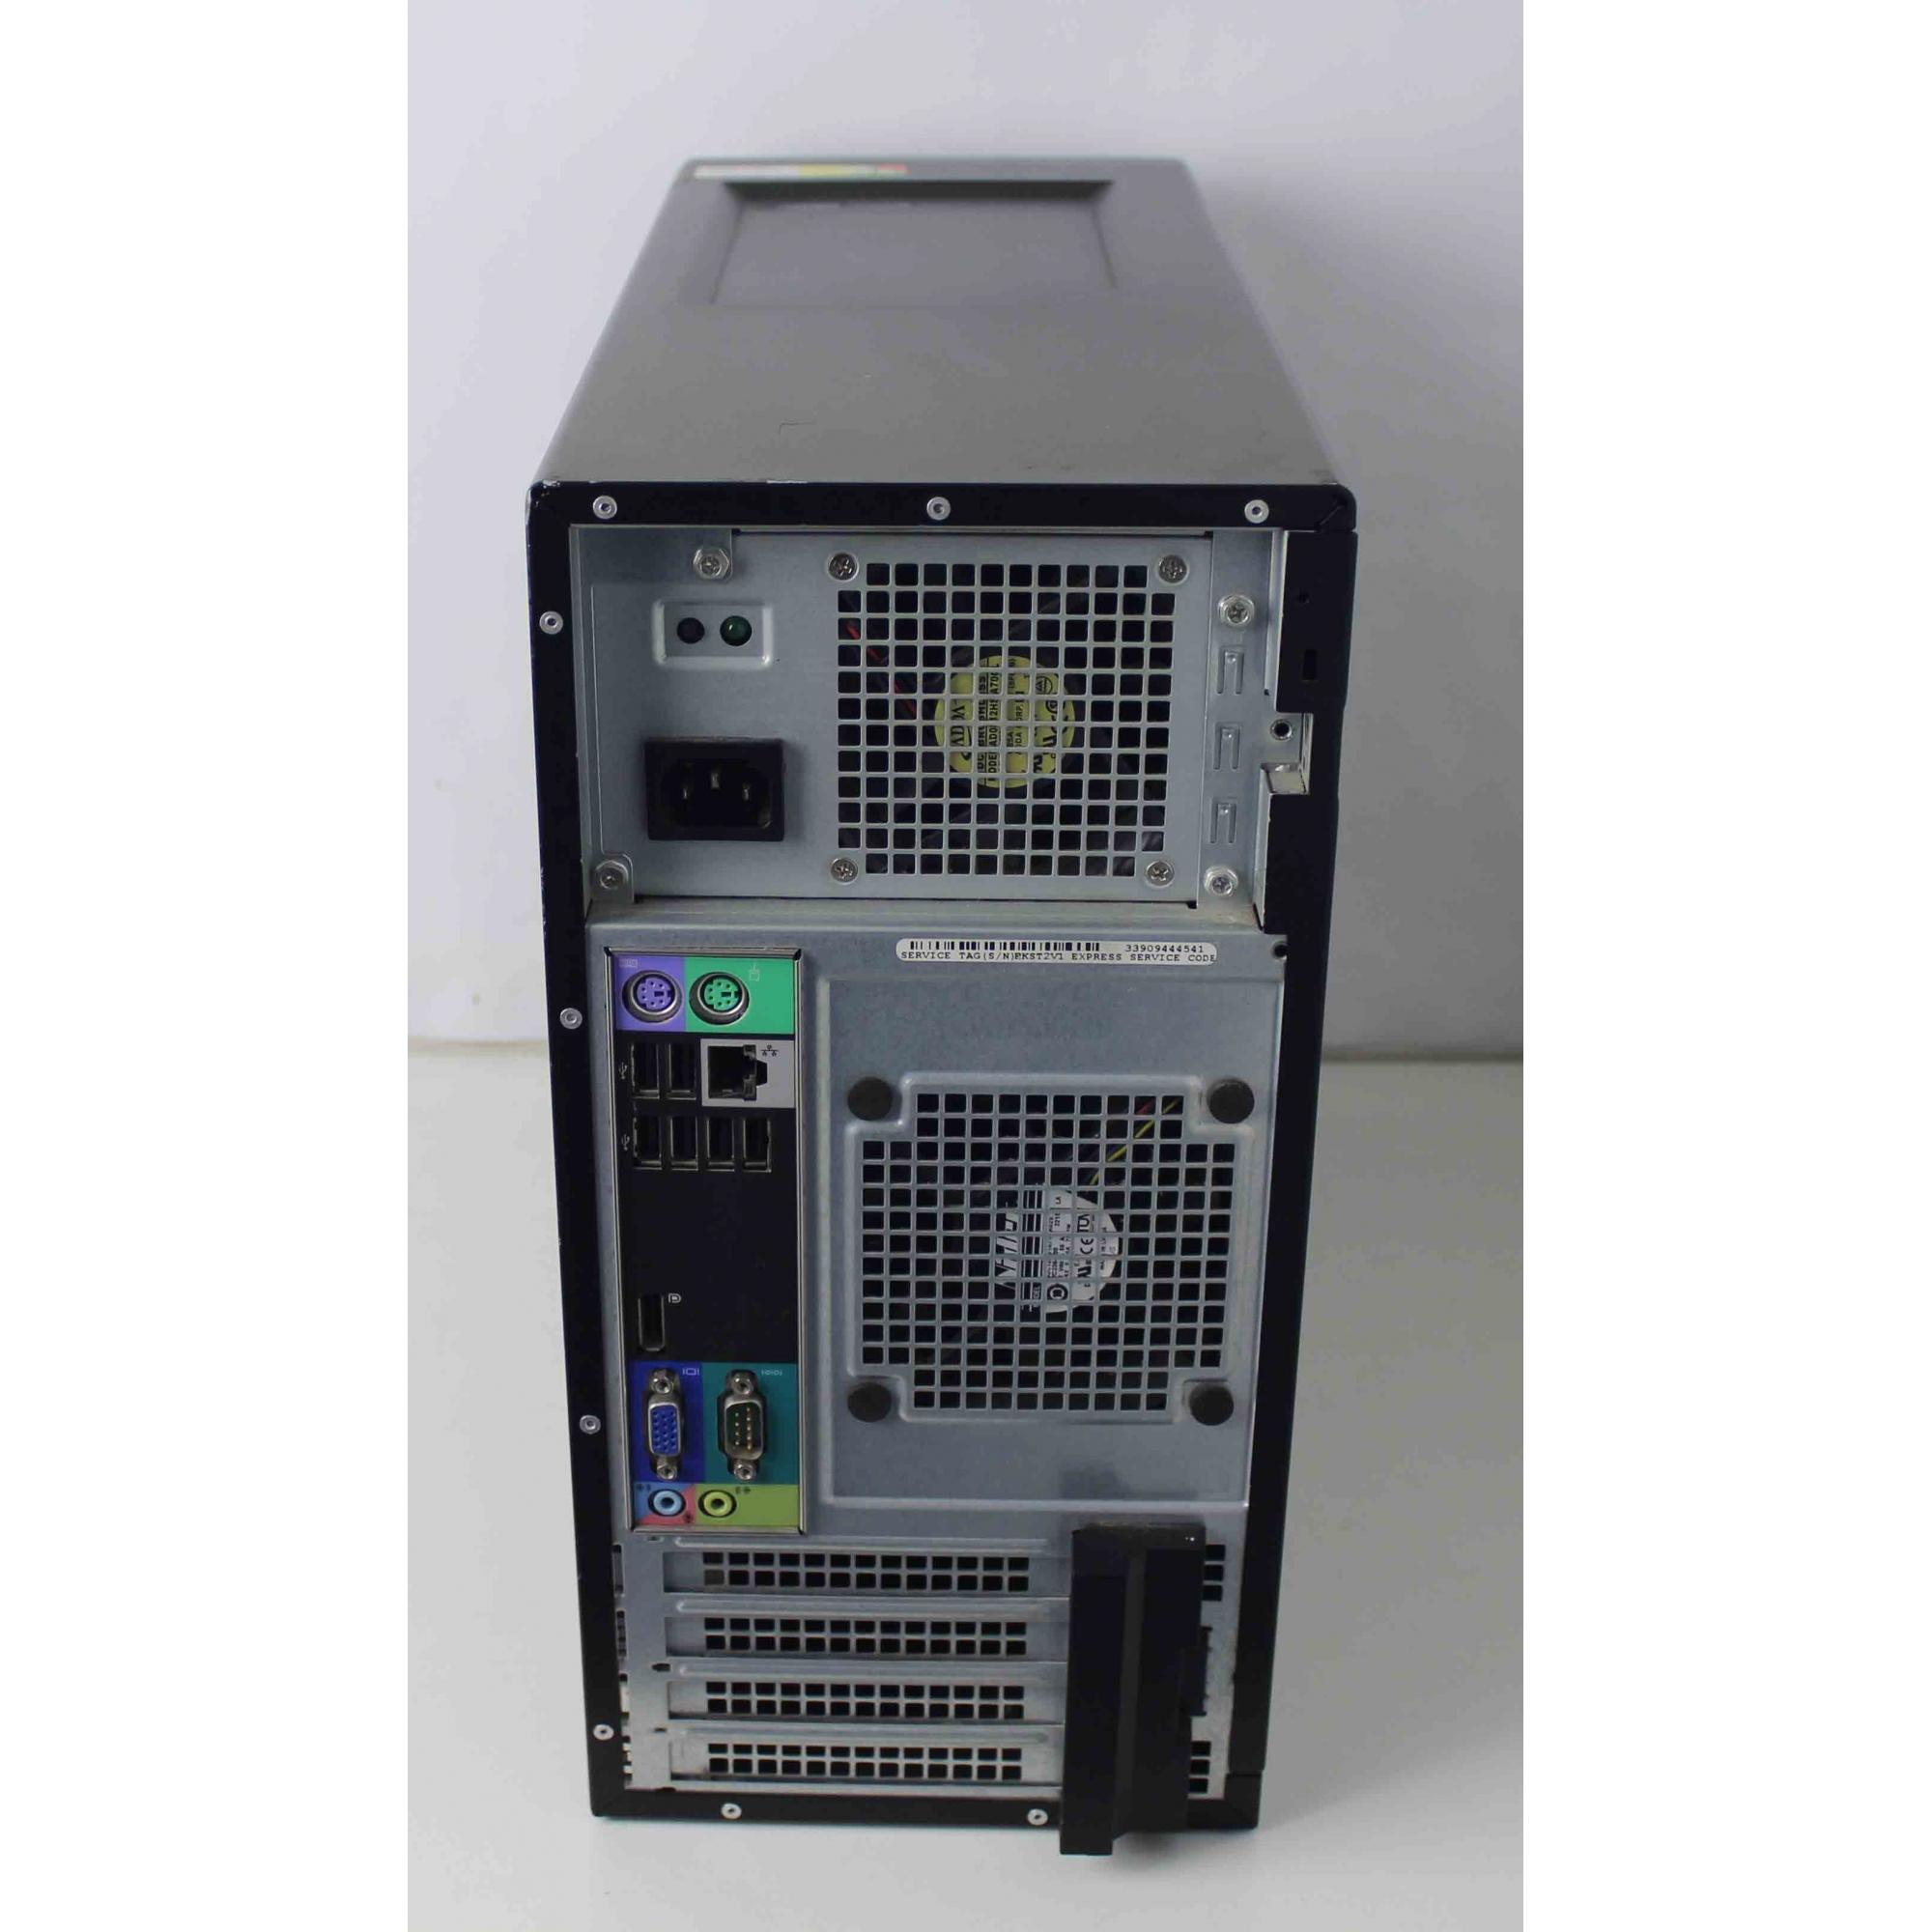 CPU Dell Optiplex 990 Intel Core i5 3.1GHz 4GB HD-500GB - Serial DB9